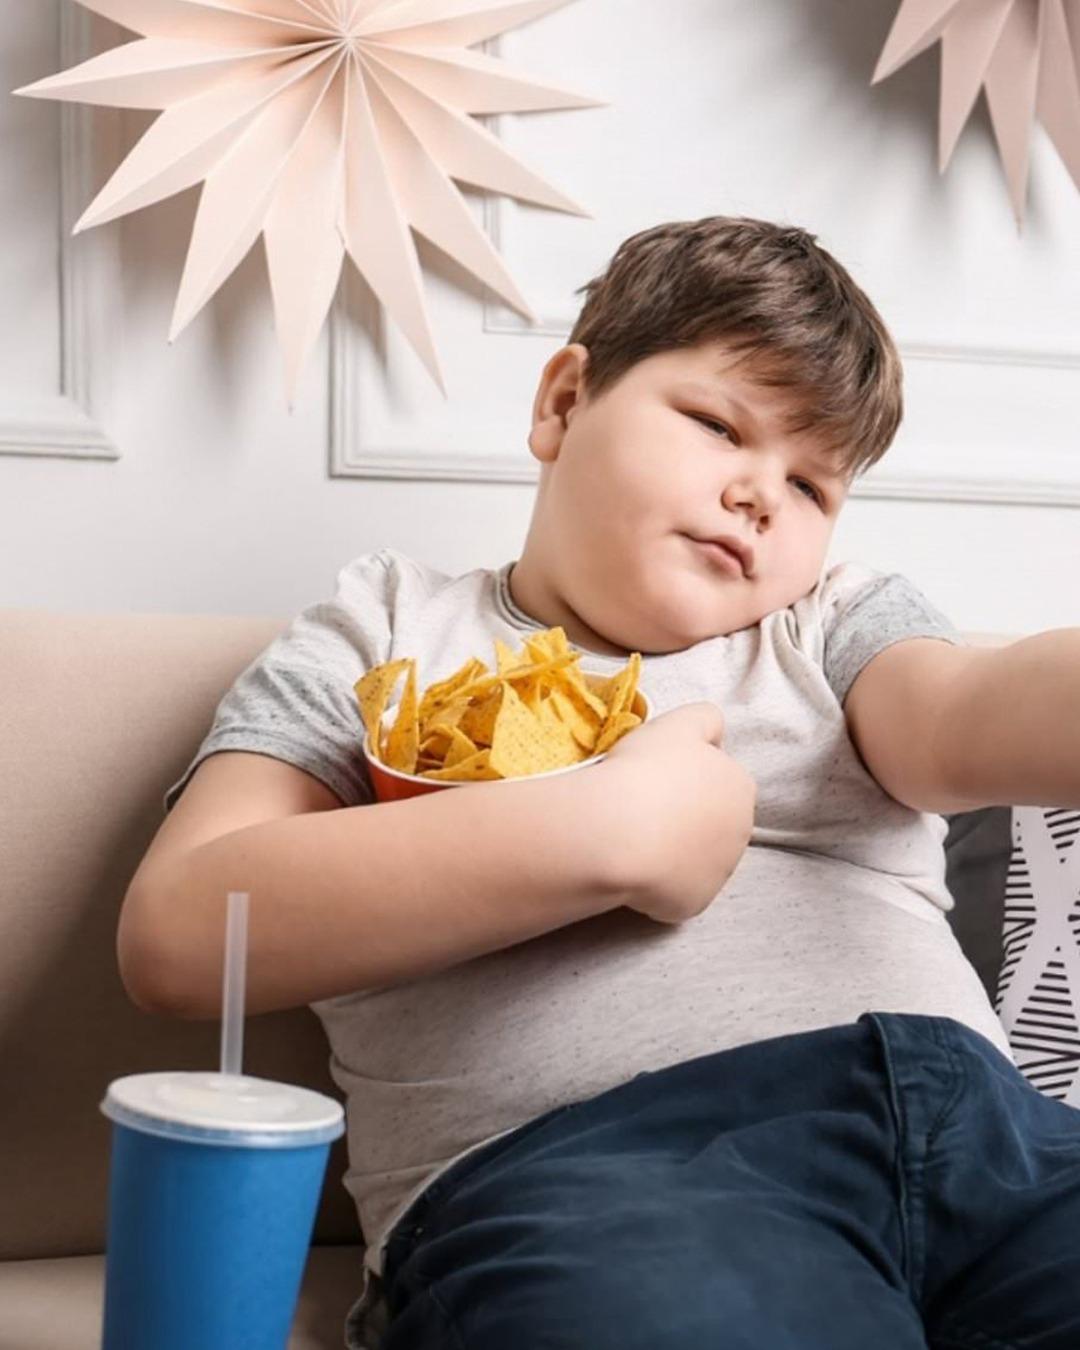 Obezitatea în rândul copiilor